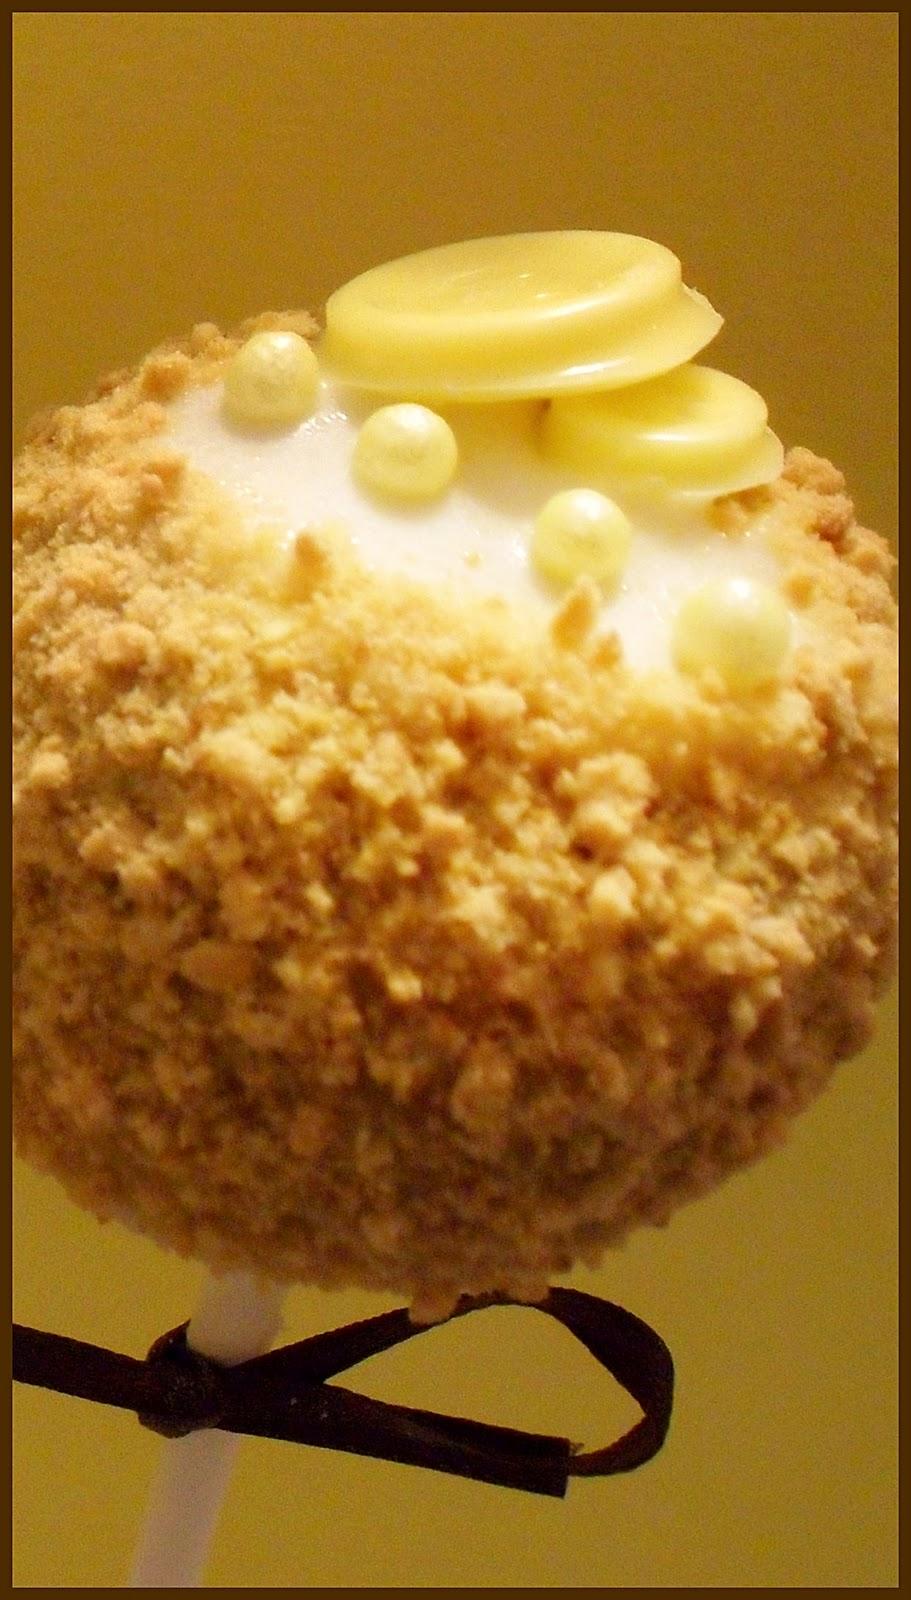 Basic Cake Pop Recipe From Scratch